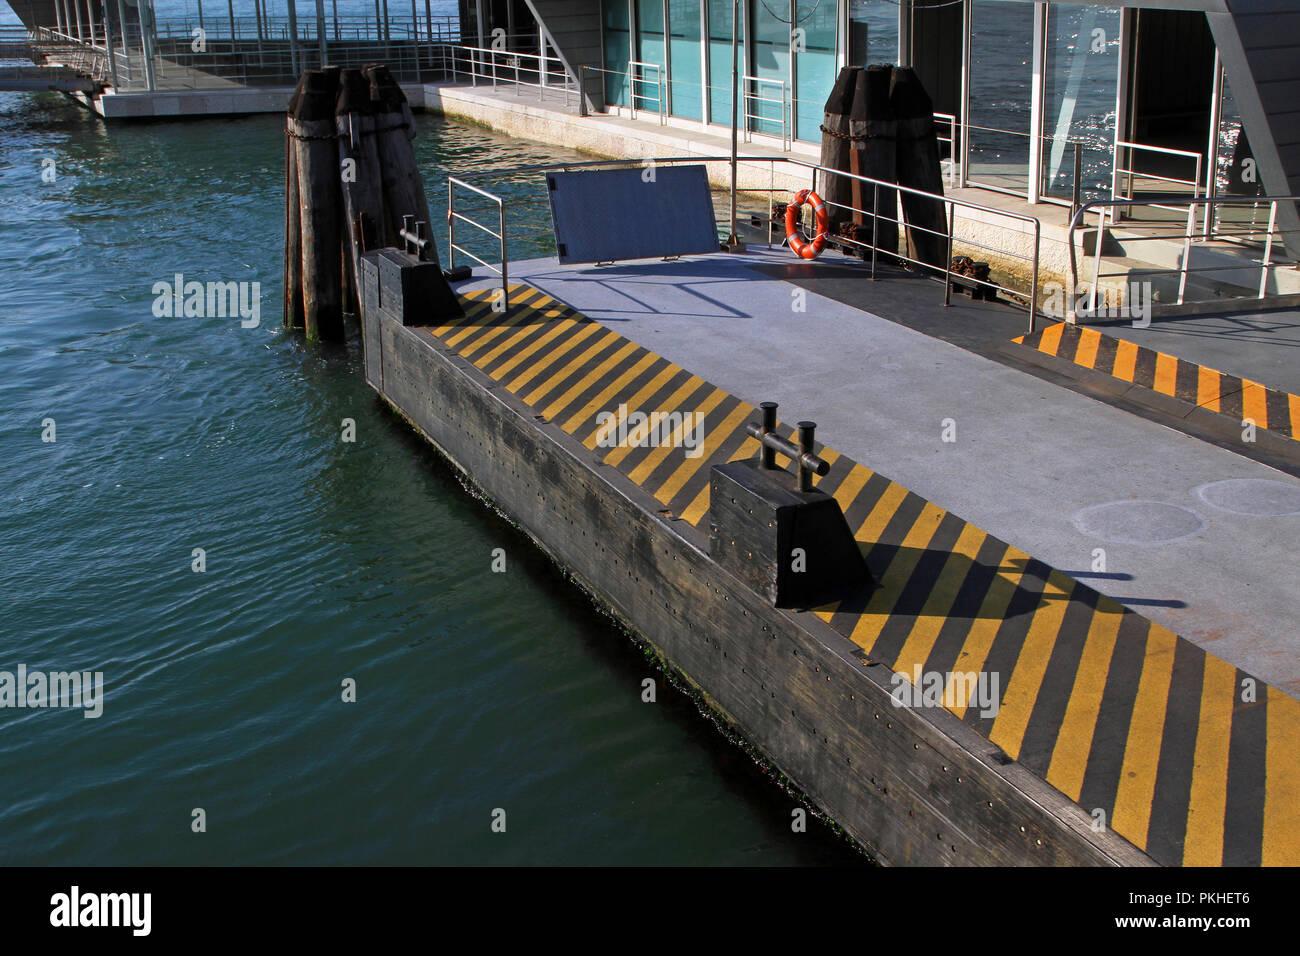 Floating pier pontoon for docking big boats - Stock Image